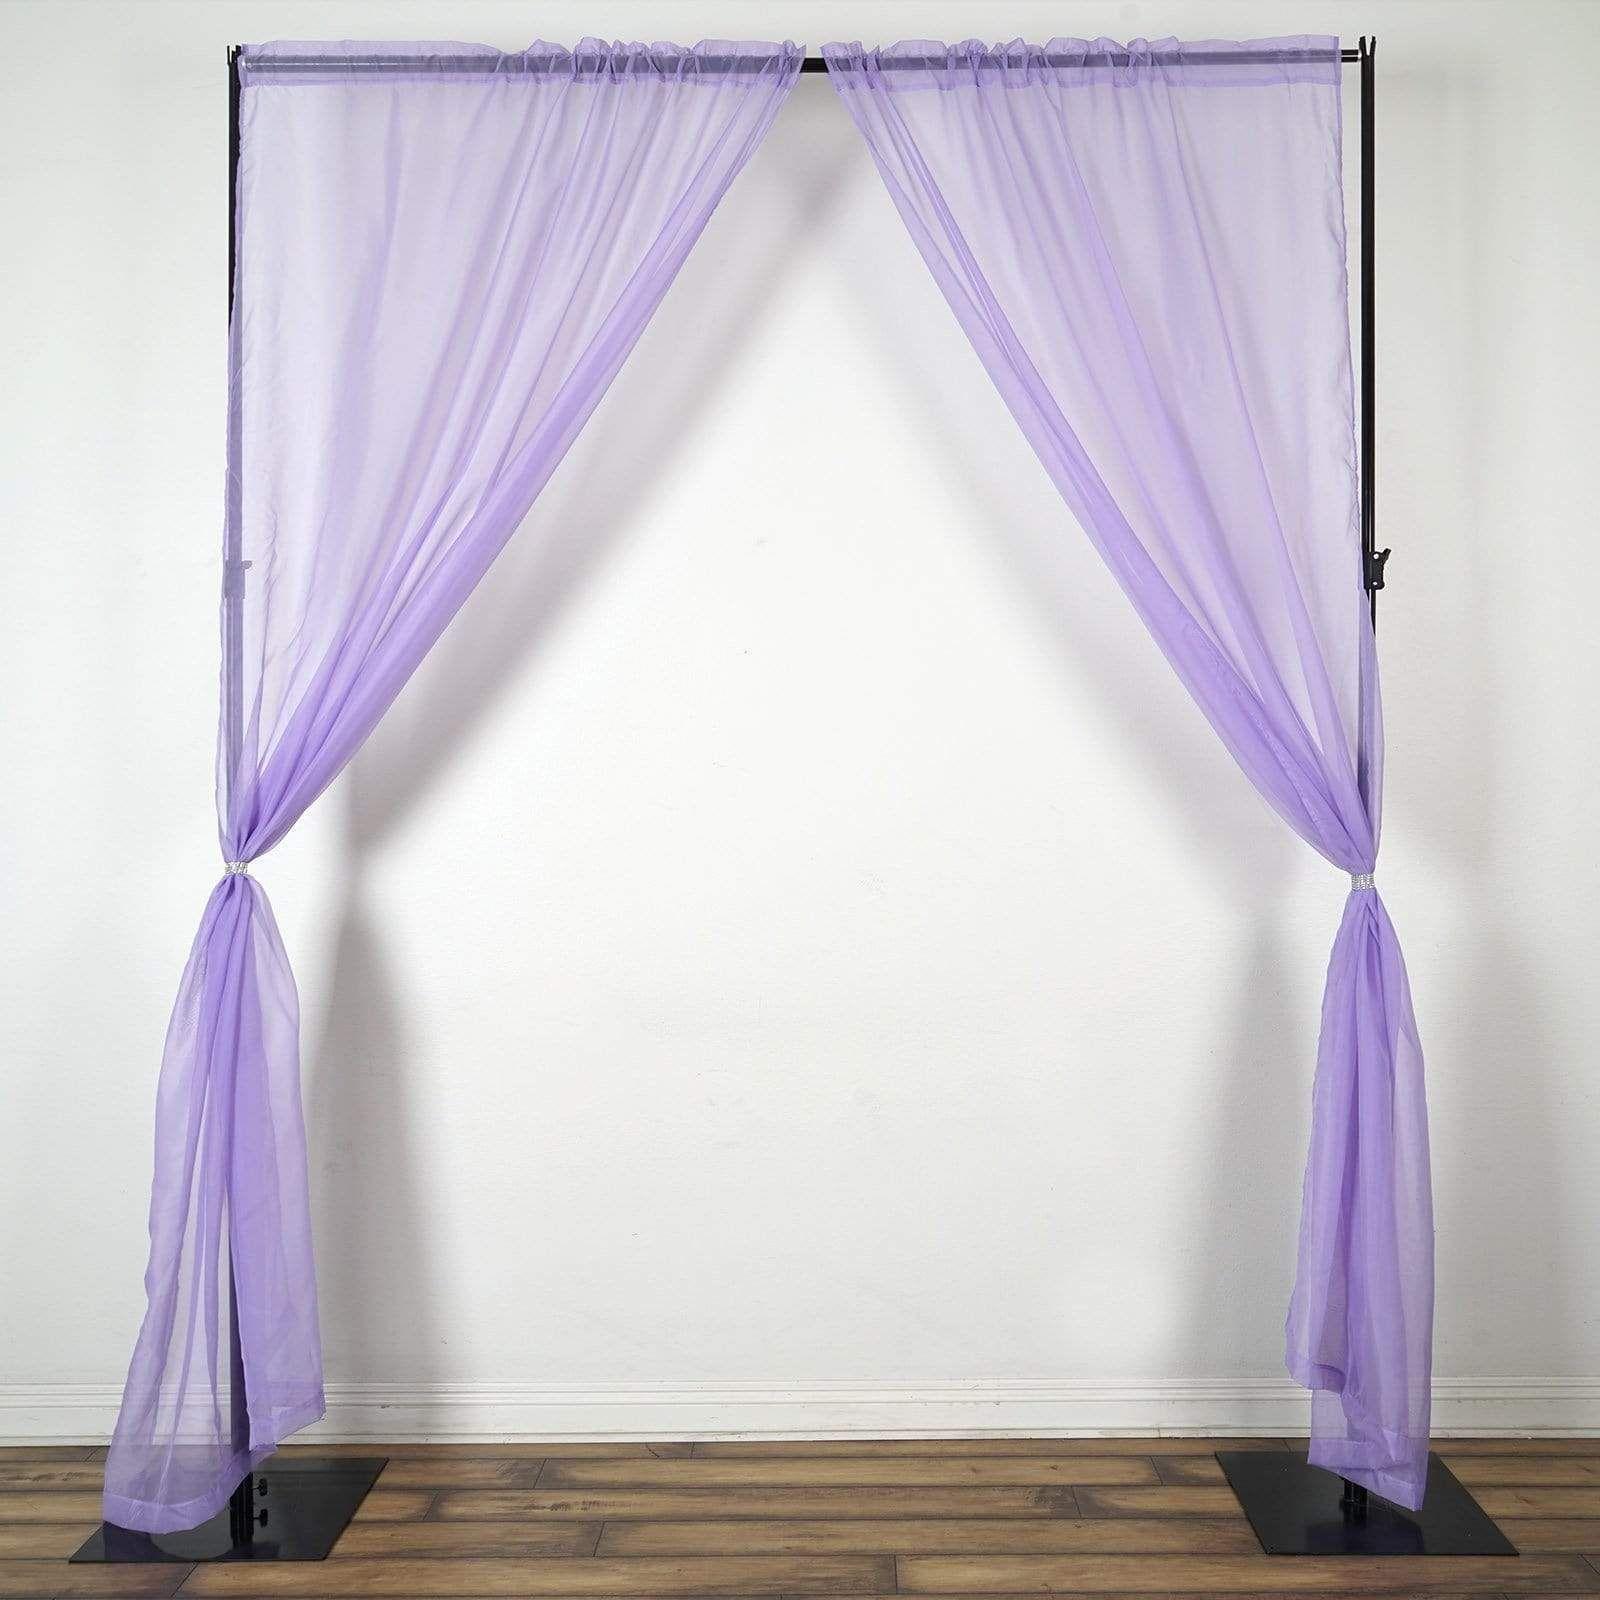 2 pcs 9 feet Sheer Organza Backdrops Curtains Drapes Panels - Lavender in  2021 | Panel curtains, Drapes curtains, Curtains